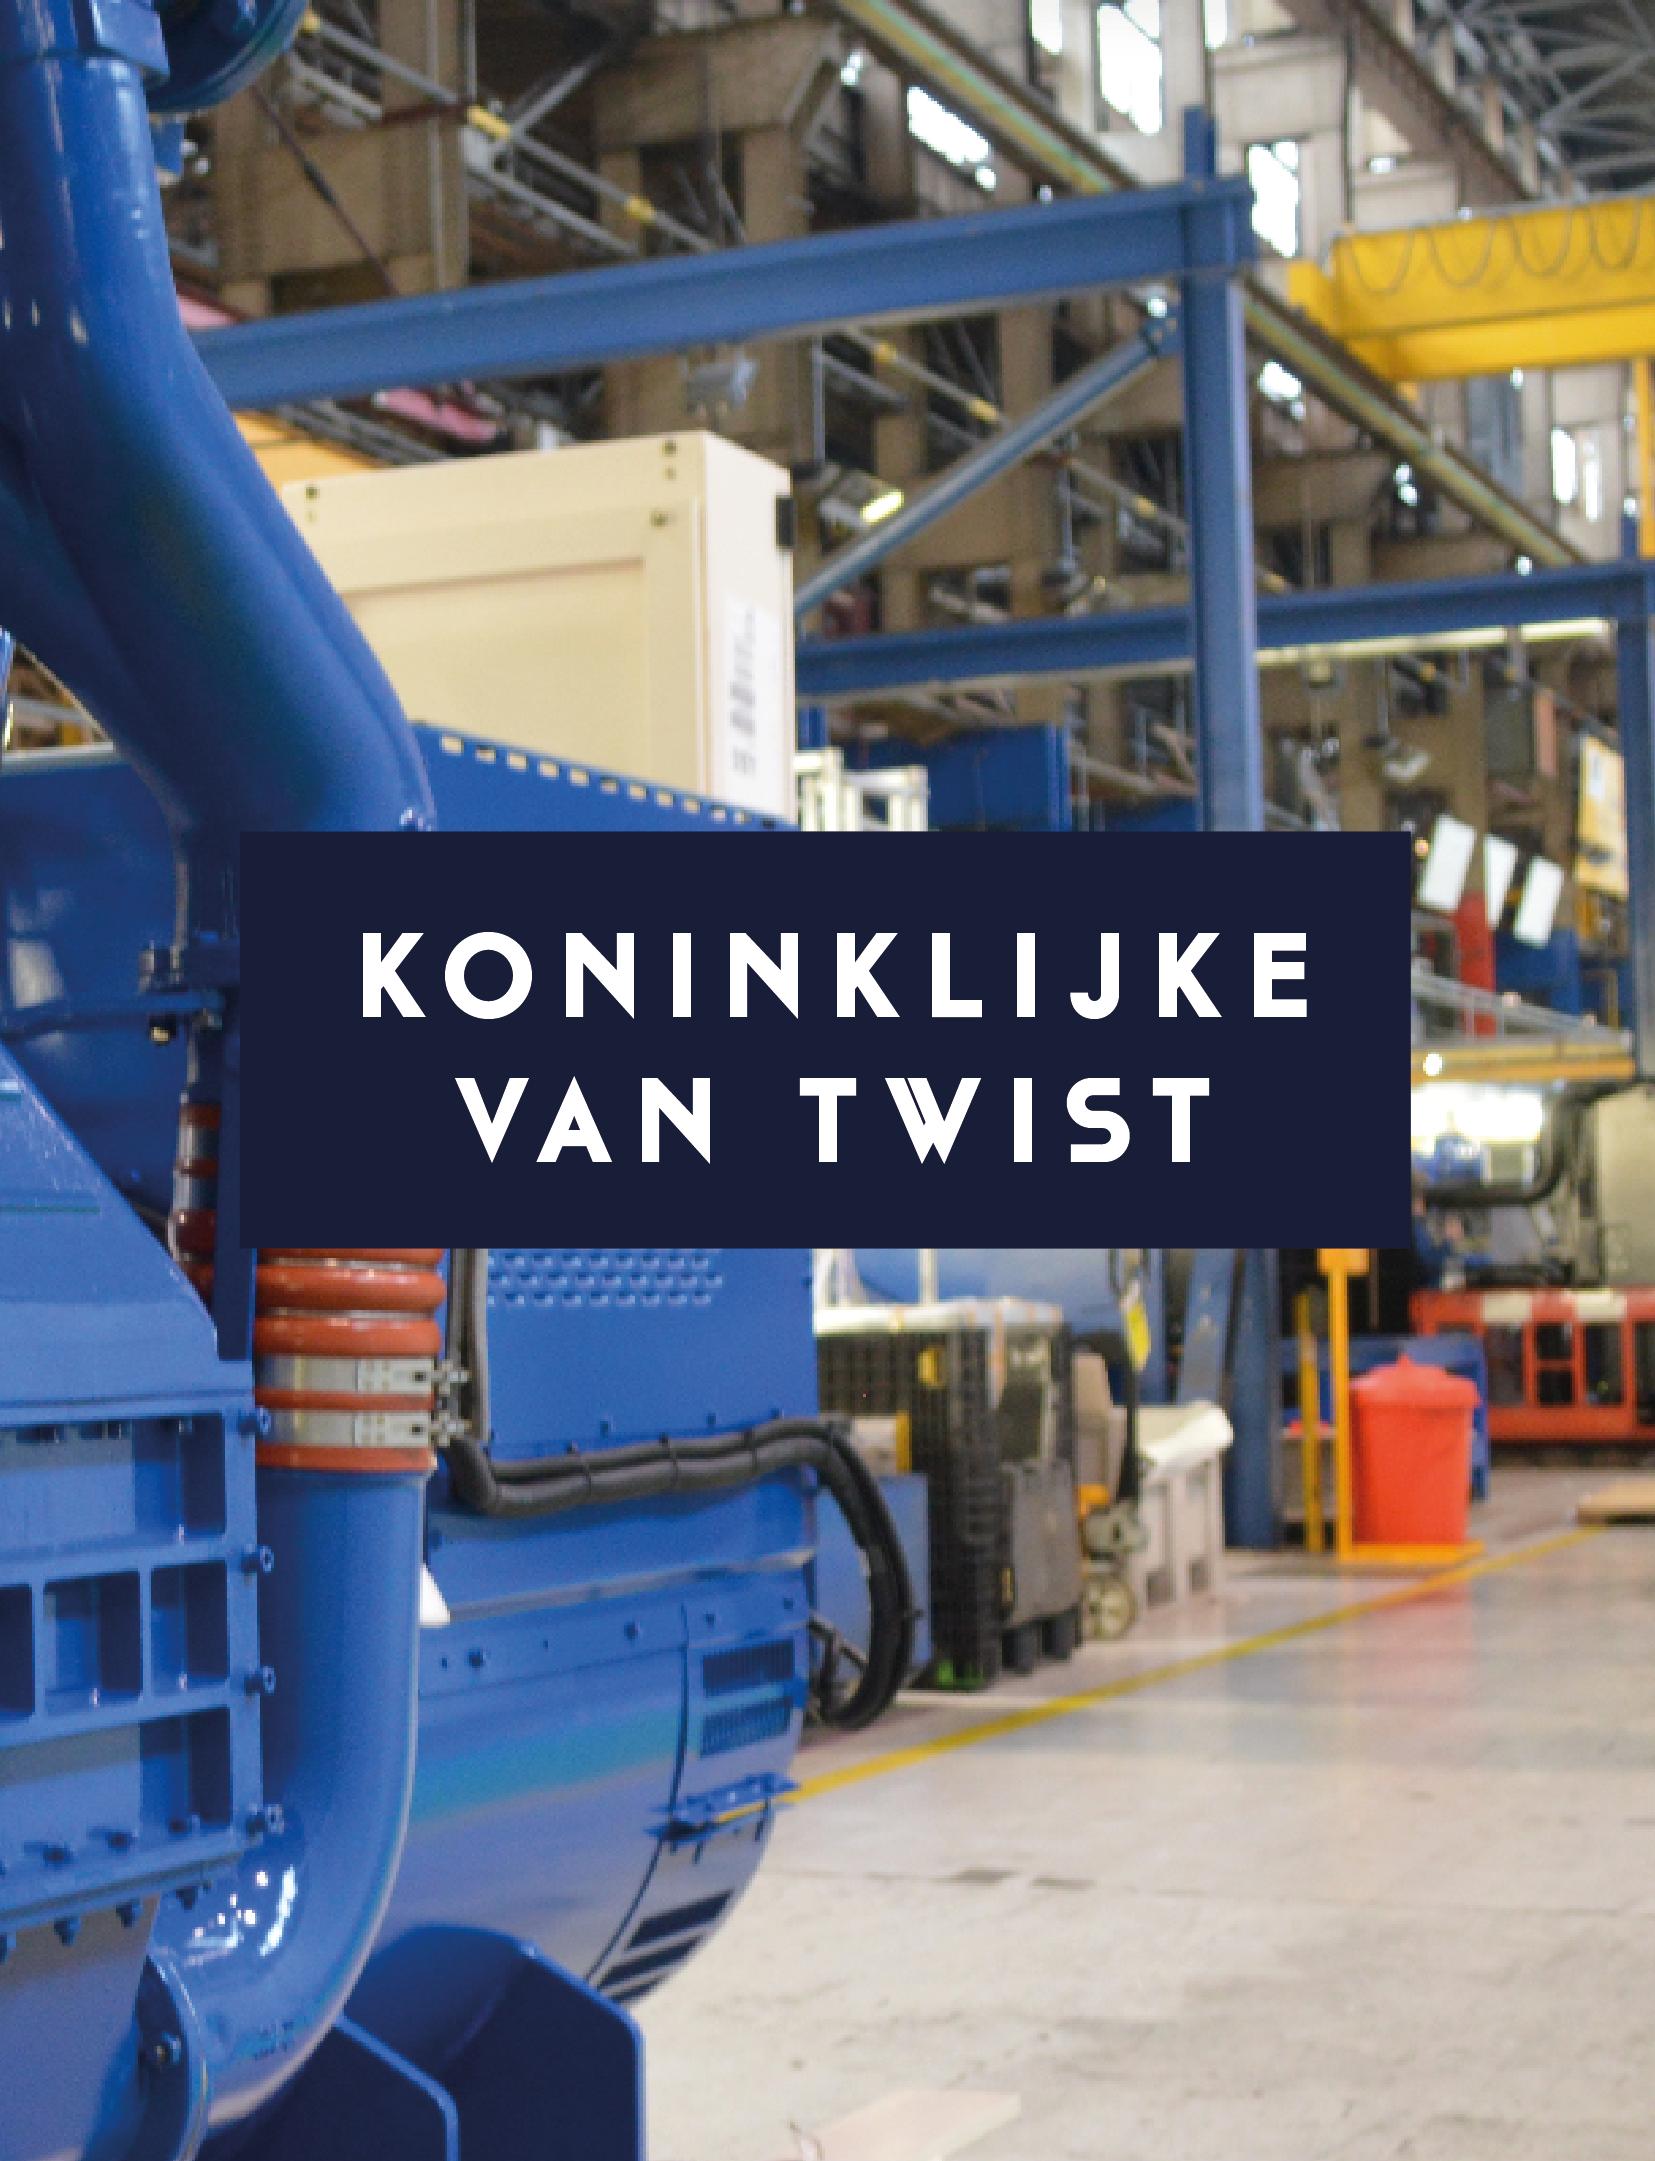 Koninklijke Van Twist